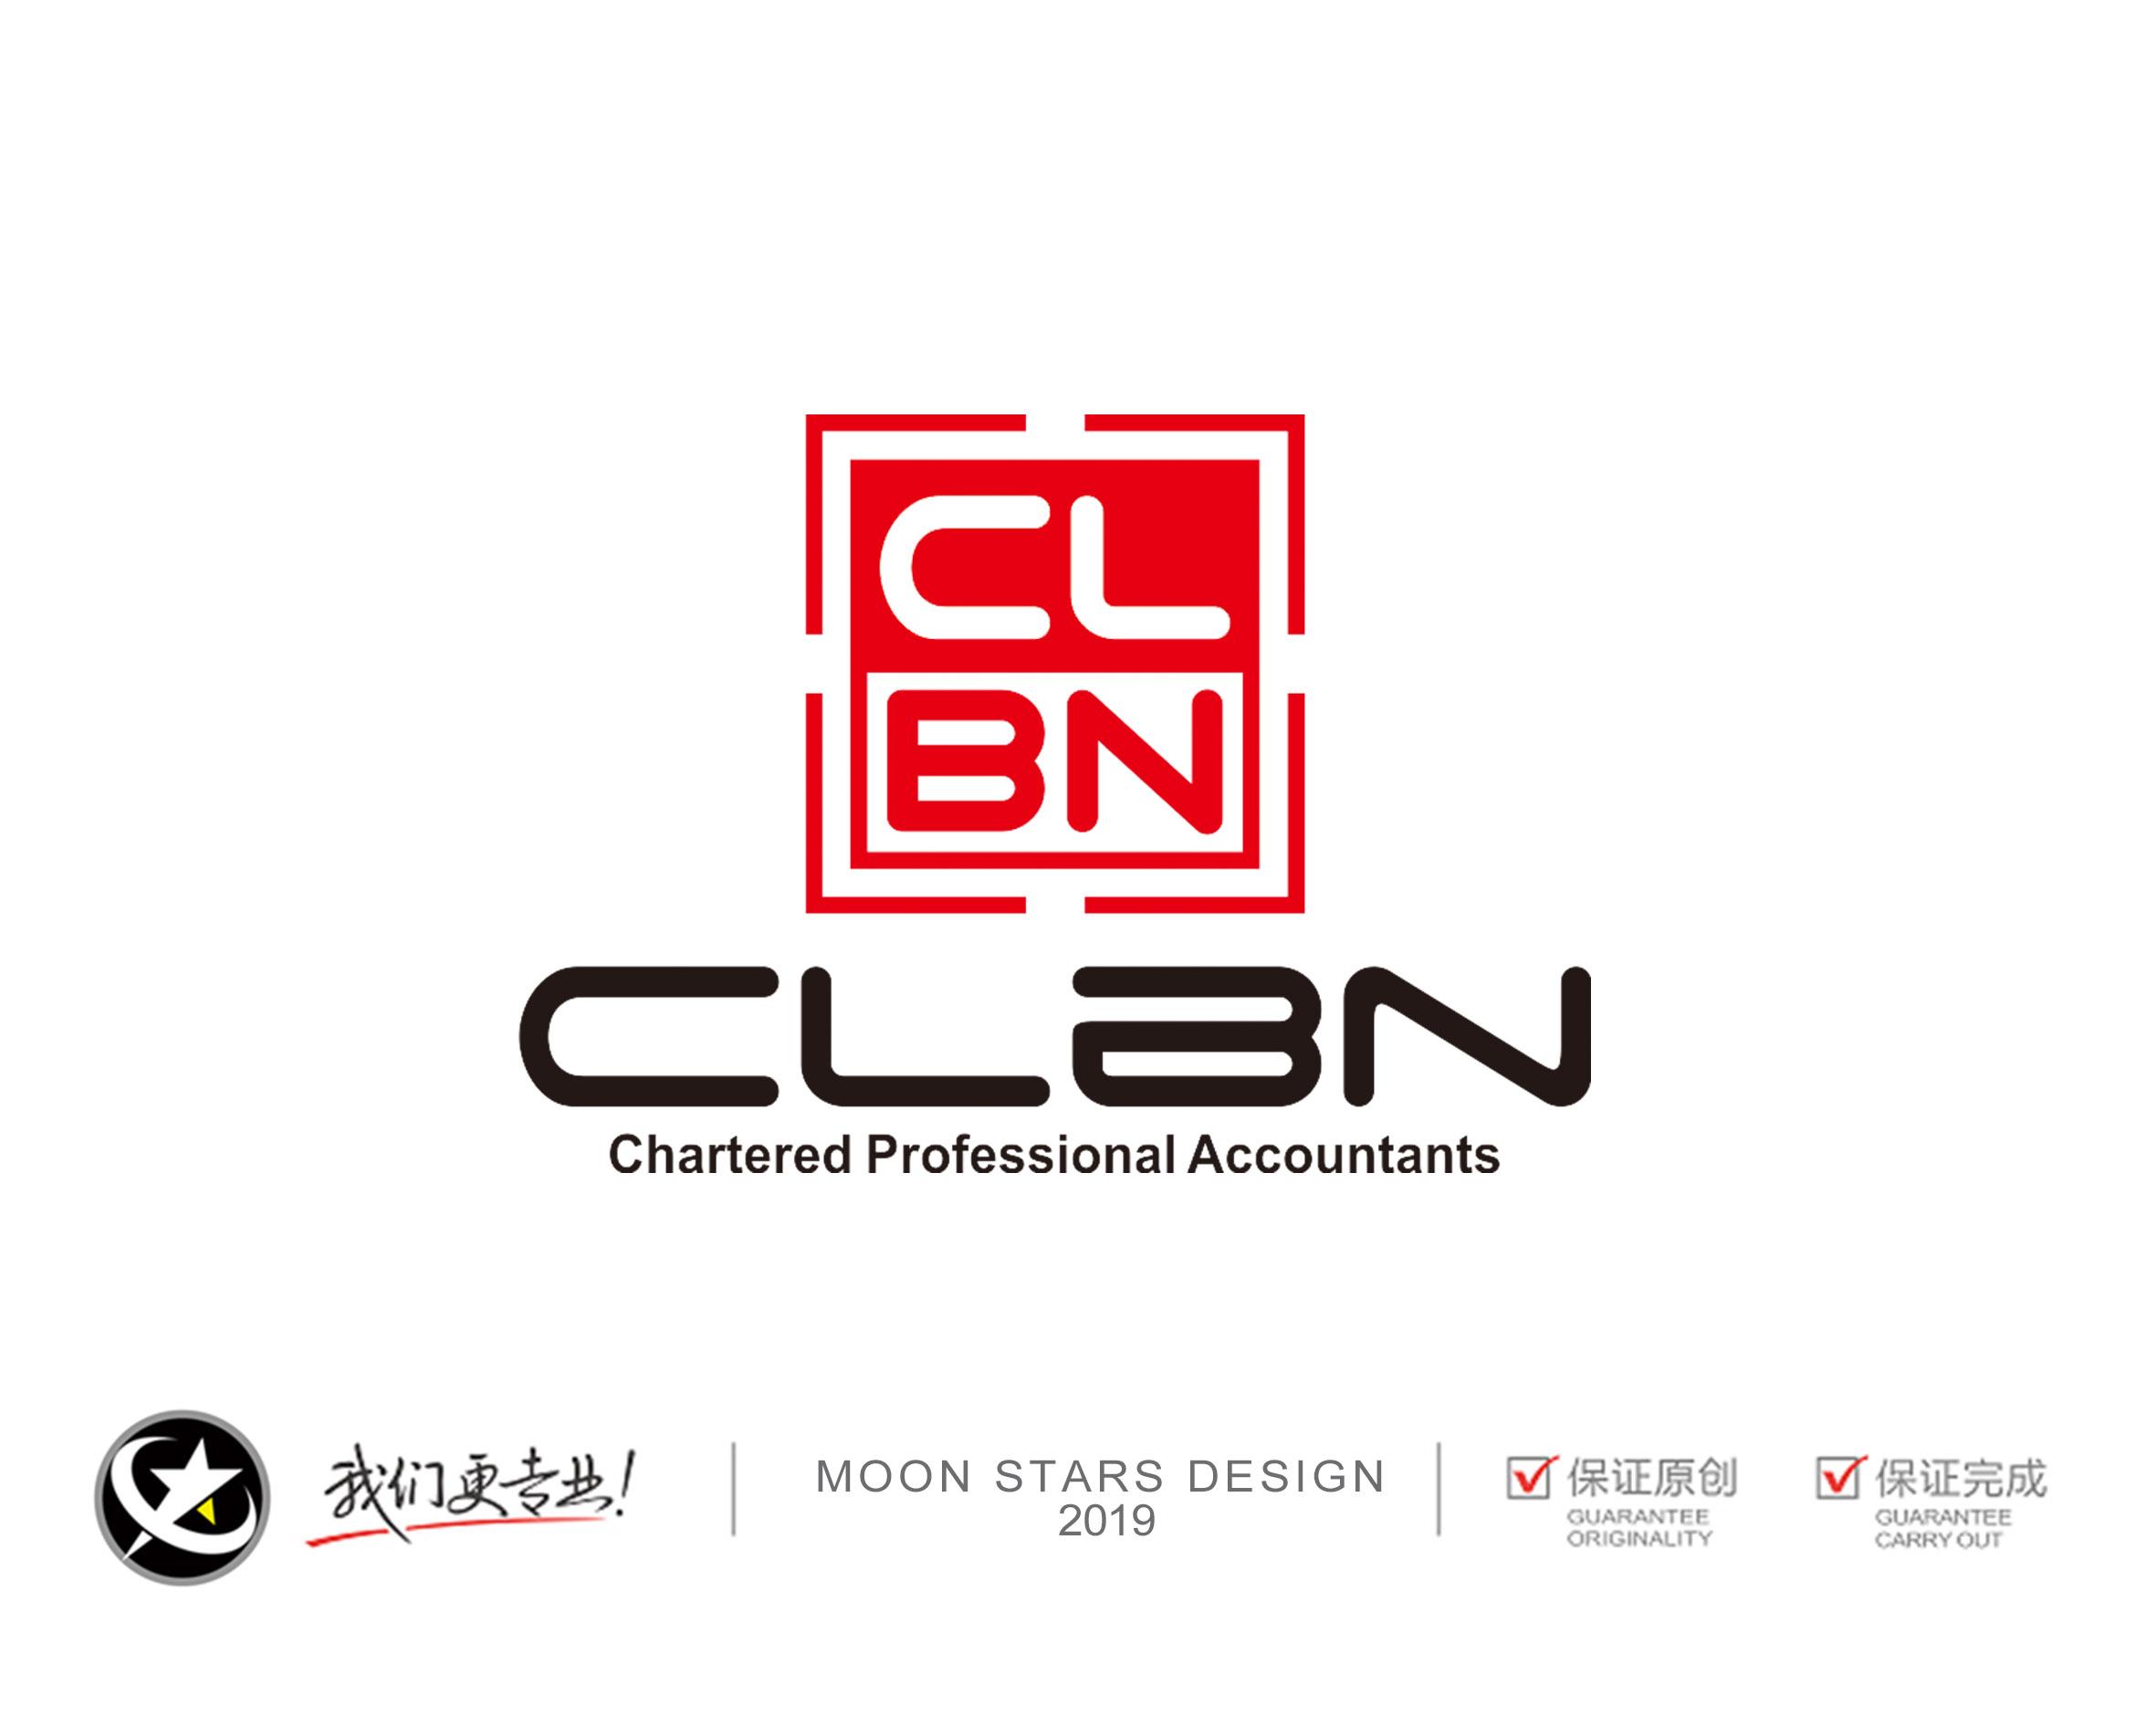 CLBN 公司Logo�O�_3025259_k68威客�W